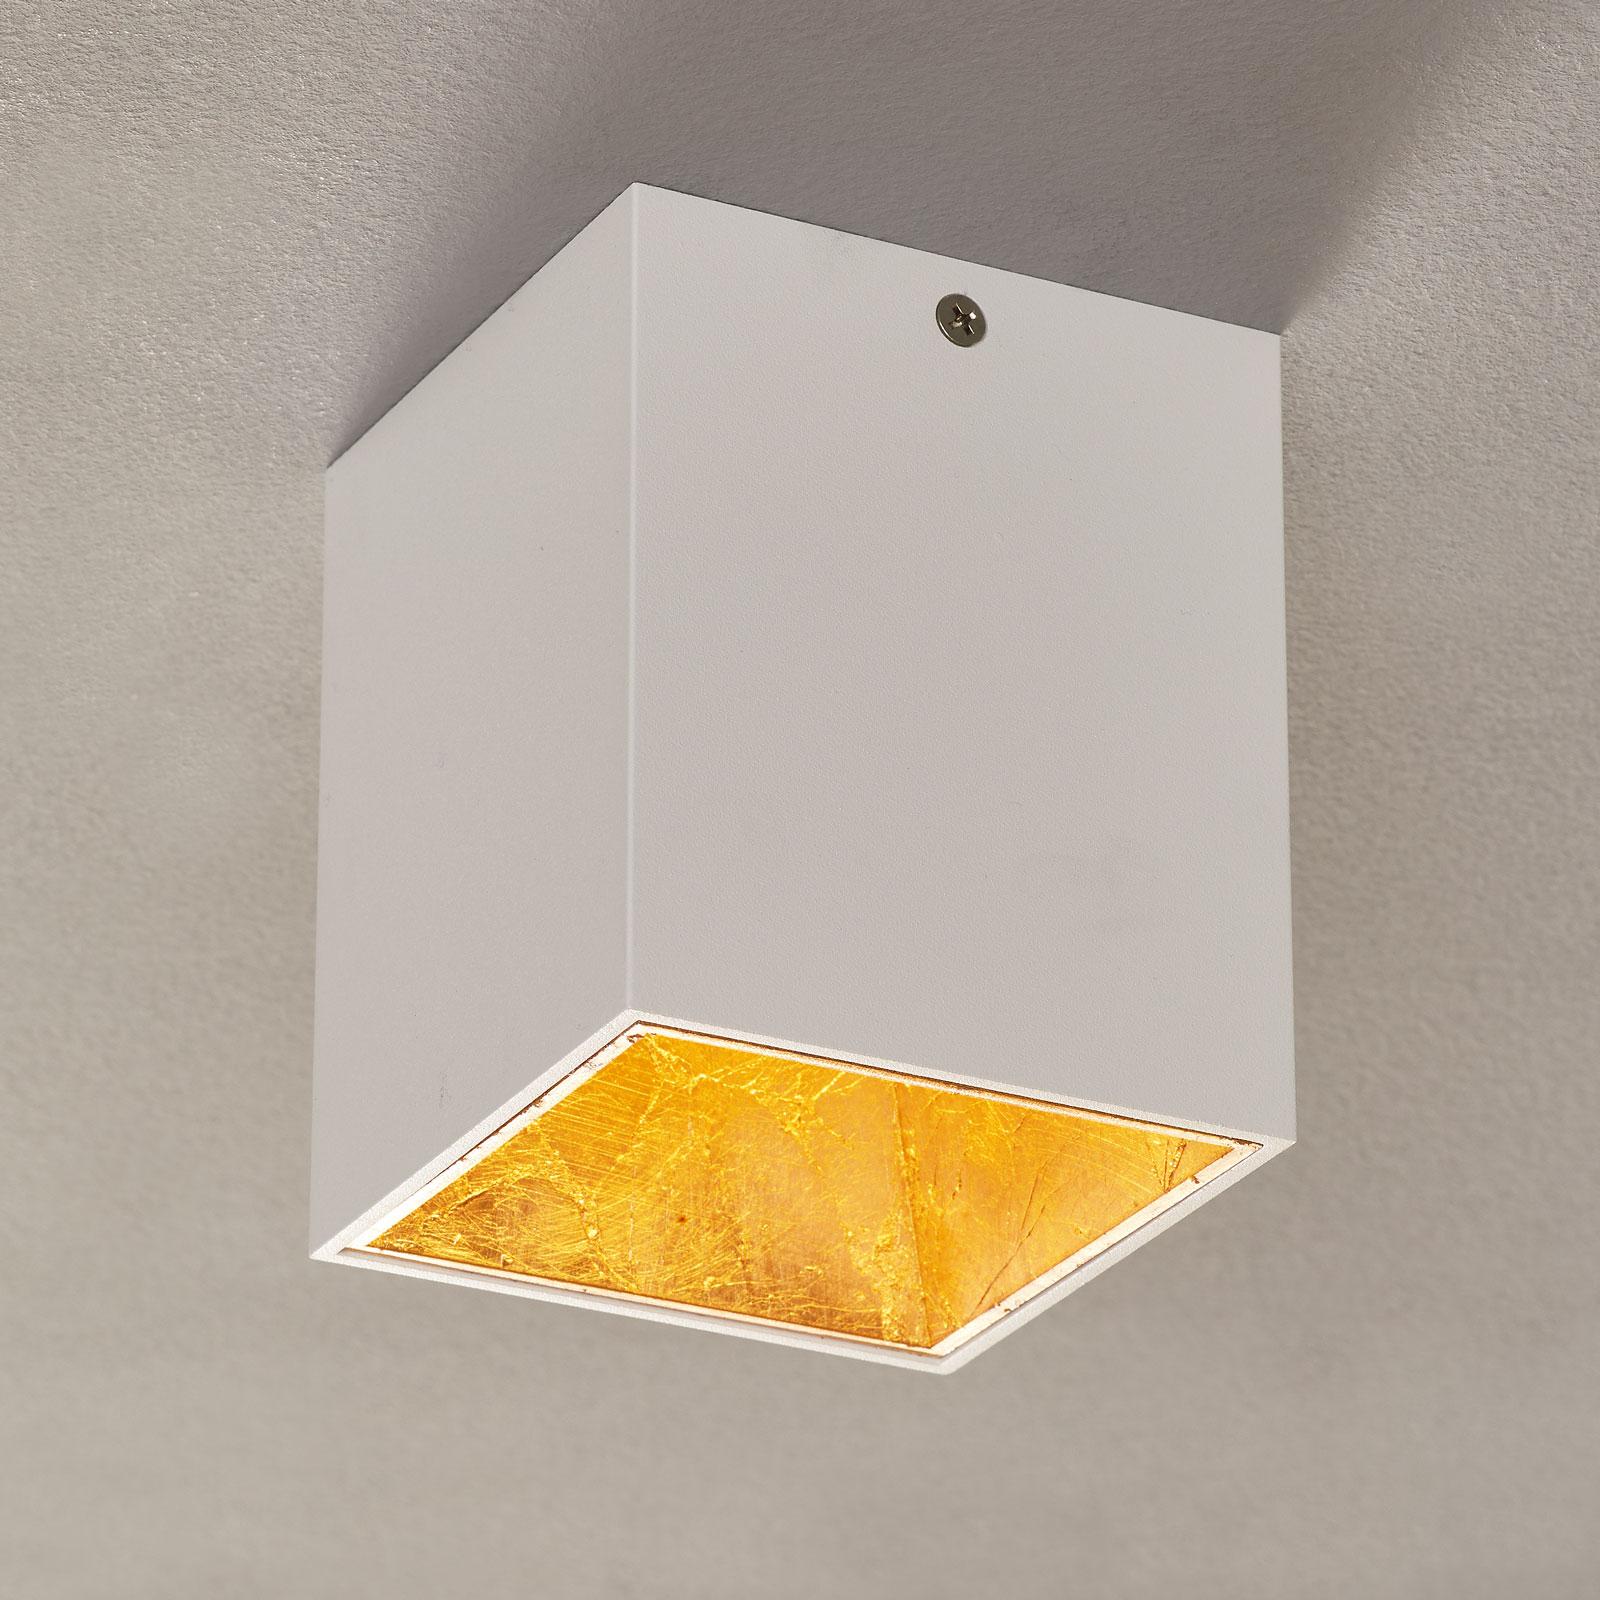 LED-taklampe Polasso kantet, hvit-gull